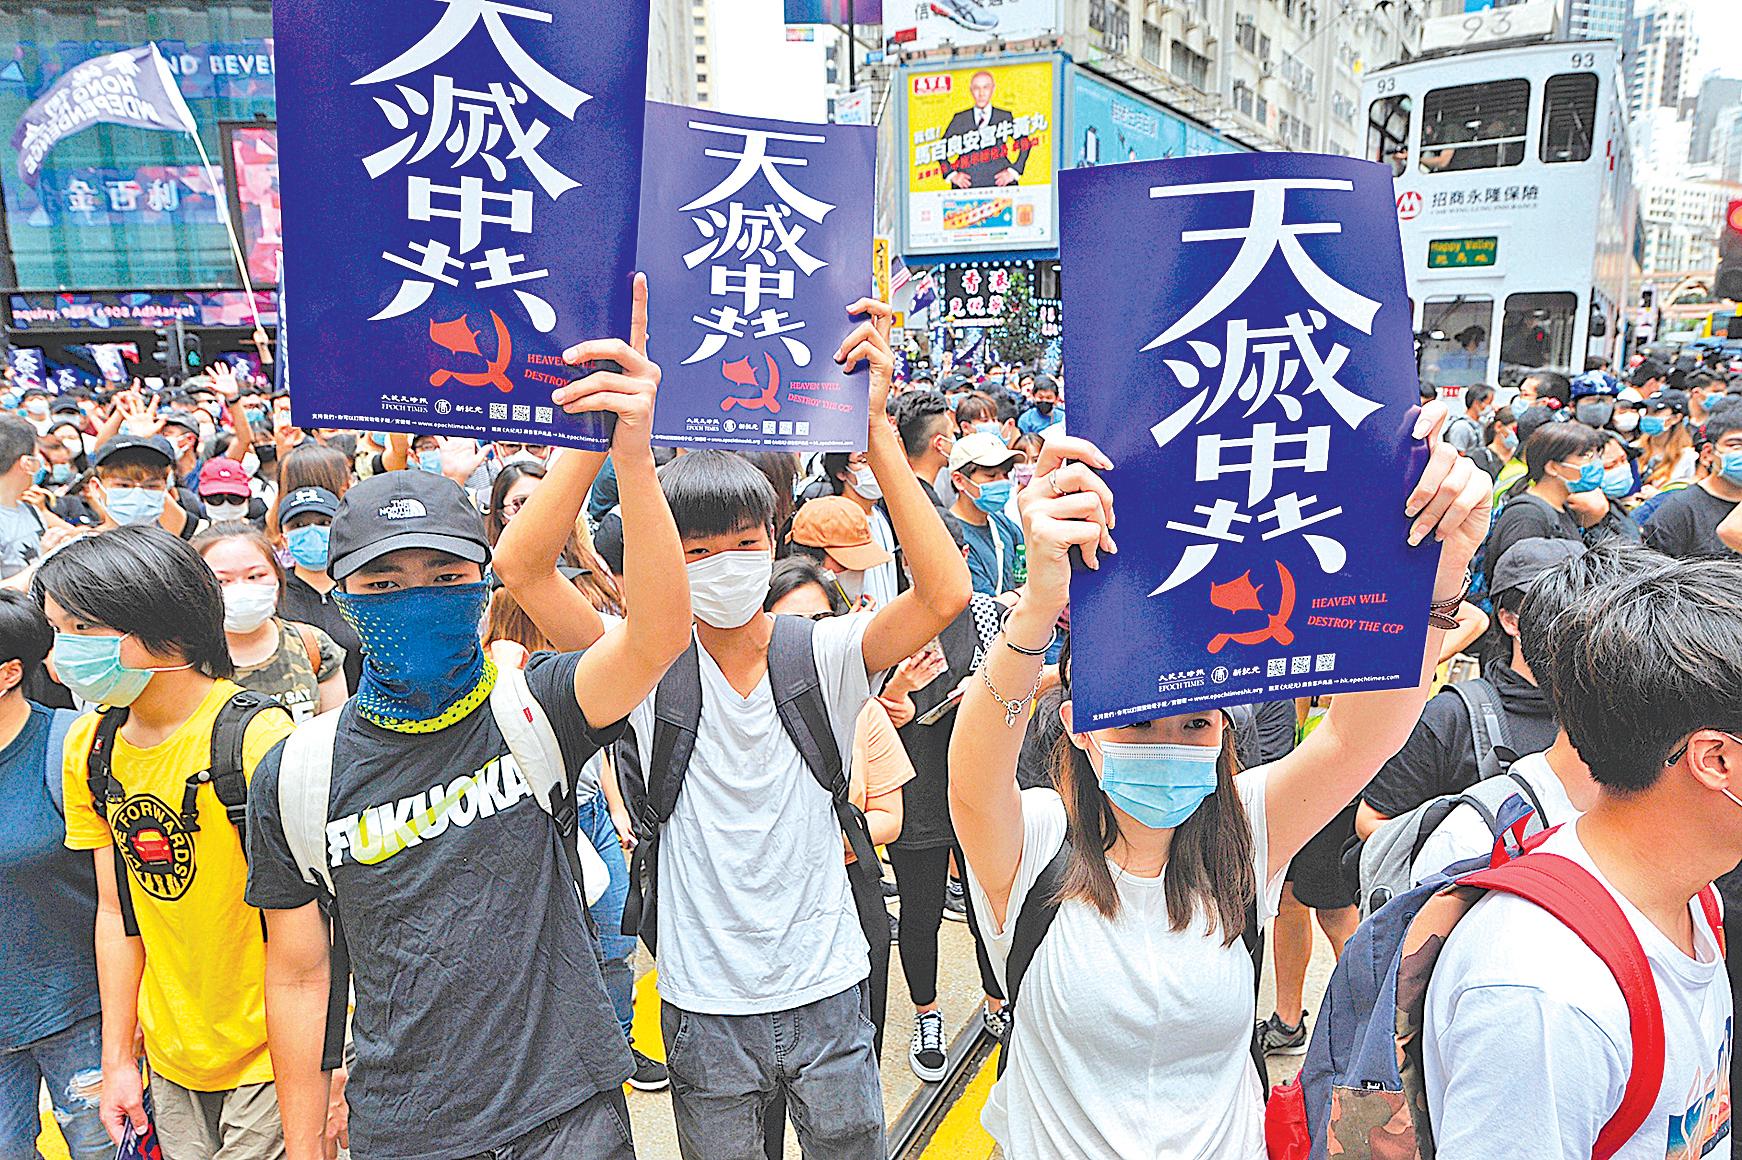 2020年5月24日,香港人遊行抗議中共人大強推「港版國安法」。(宋碧龍/大紀元)